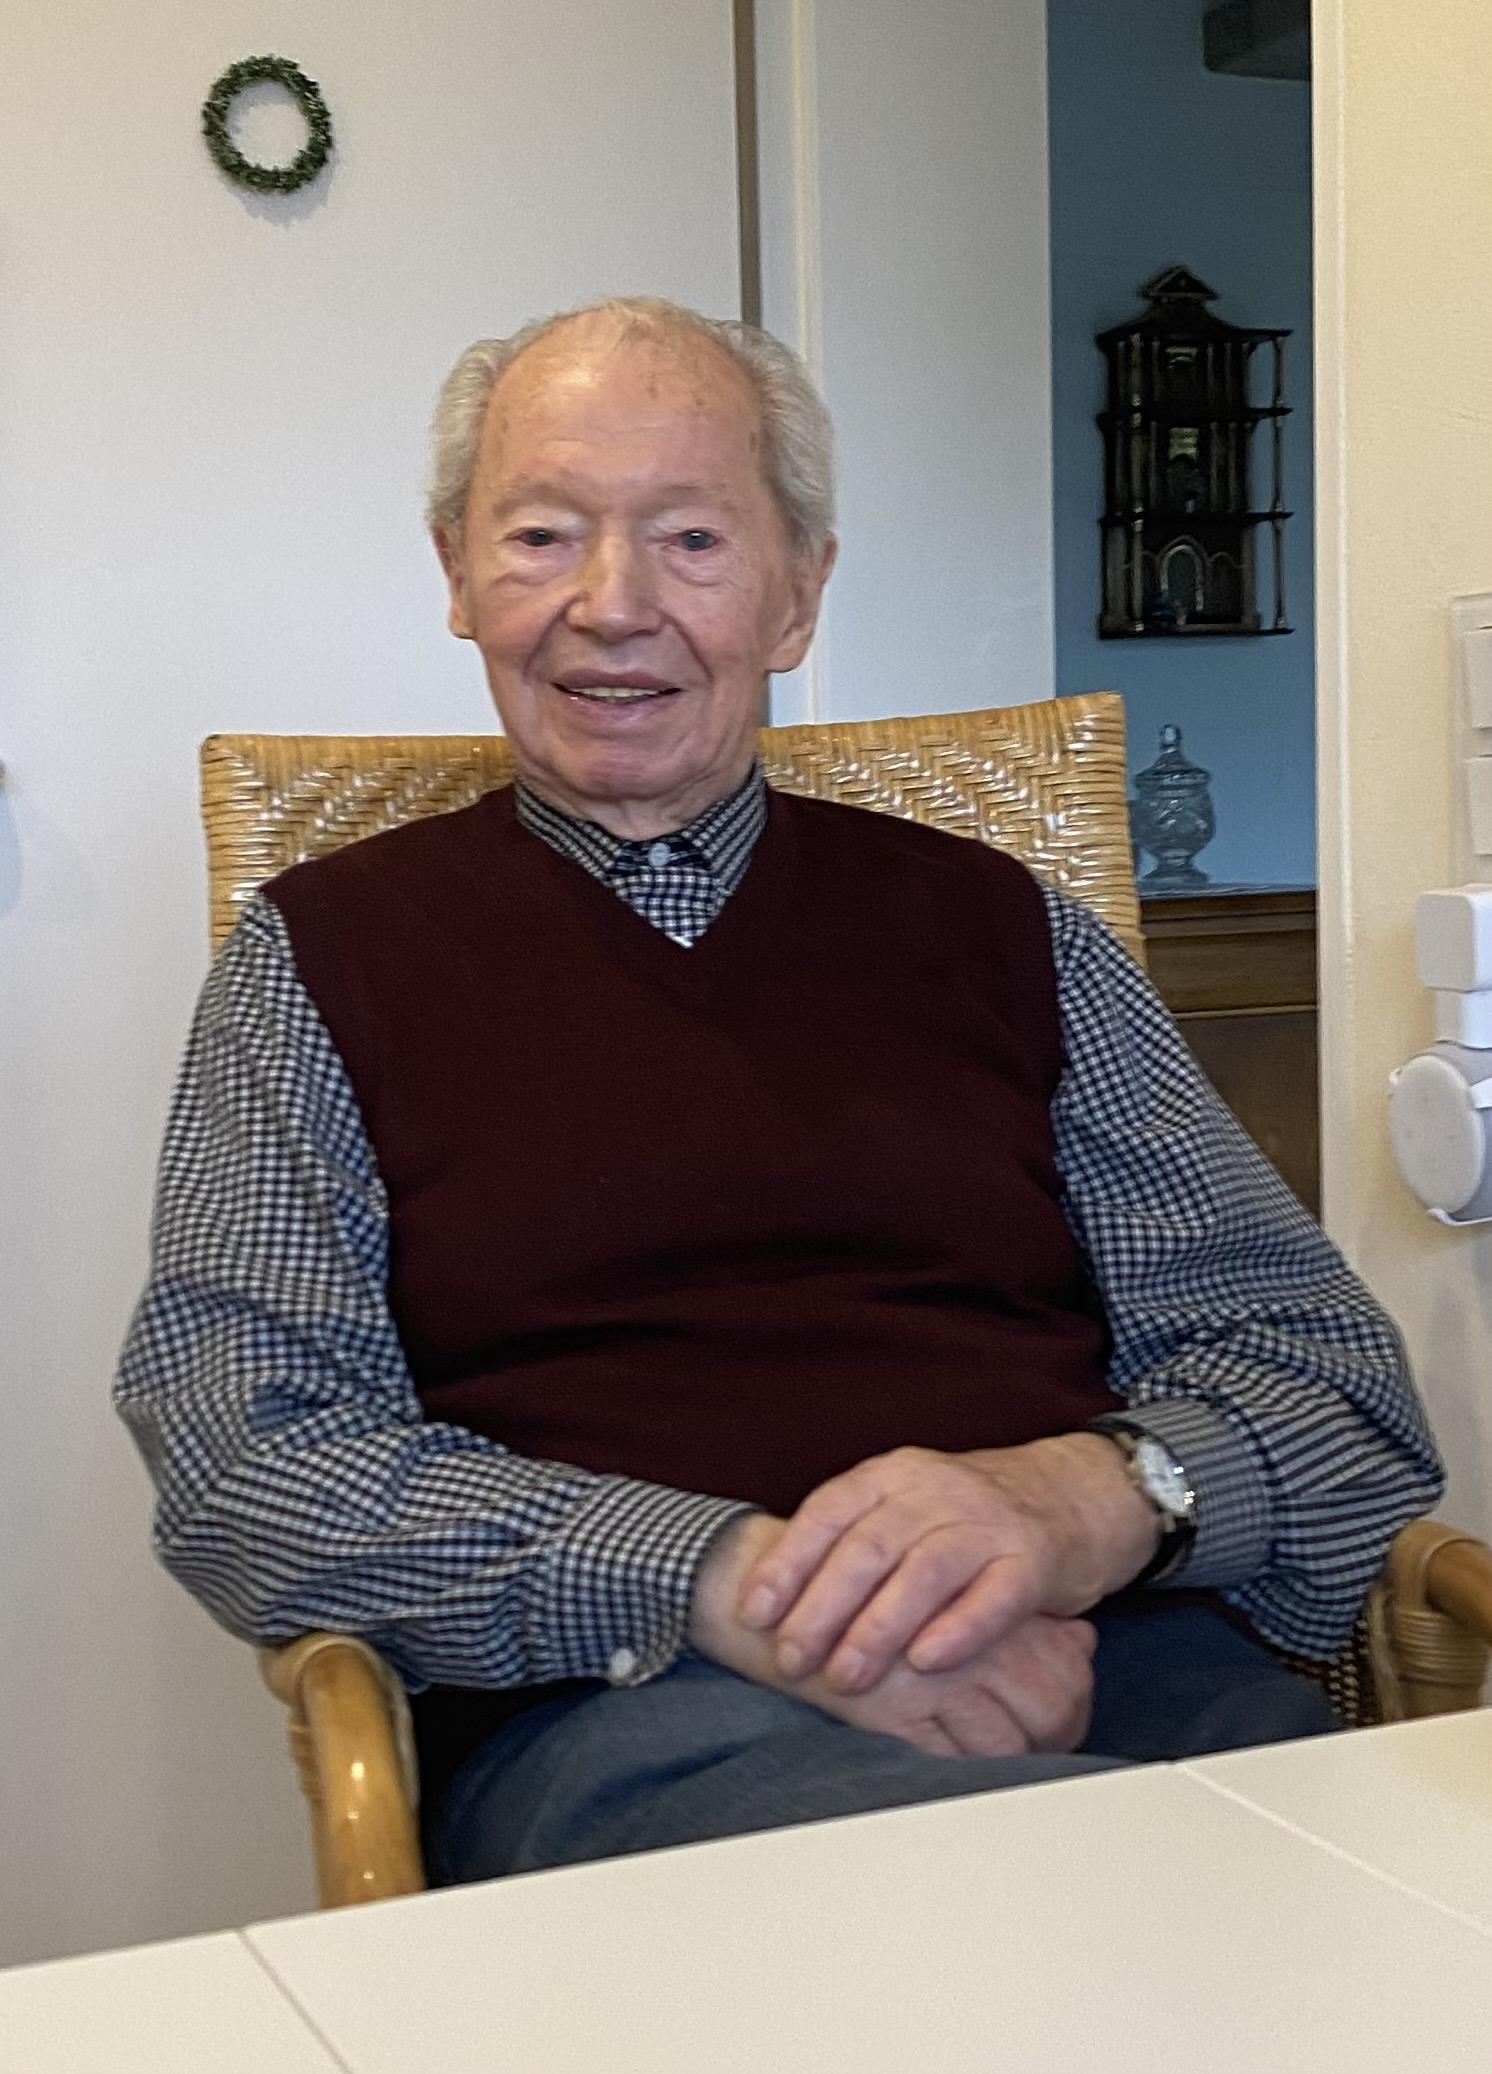 Vermisster 92-Jähriger - Polizei sucht Hinweisgeber in